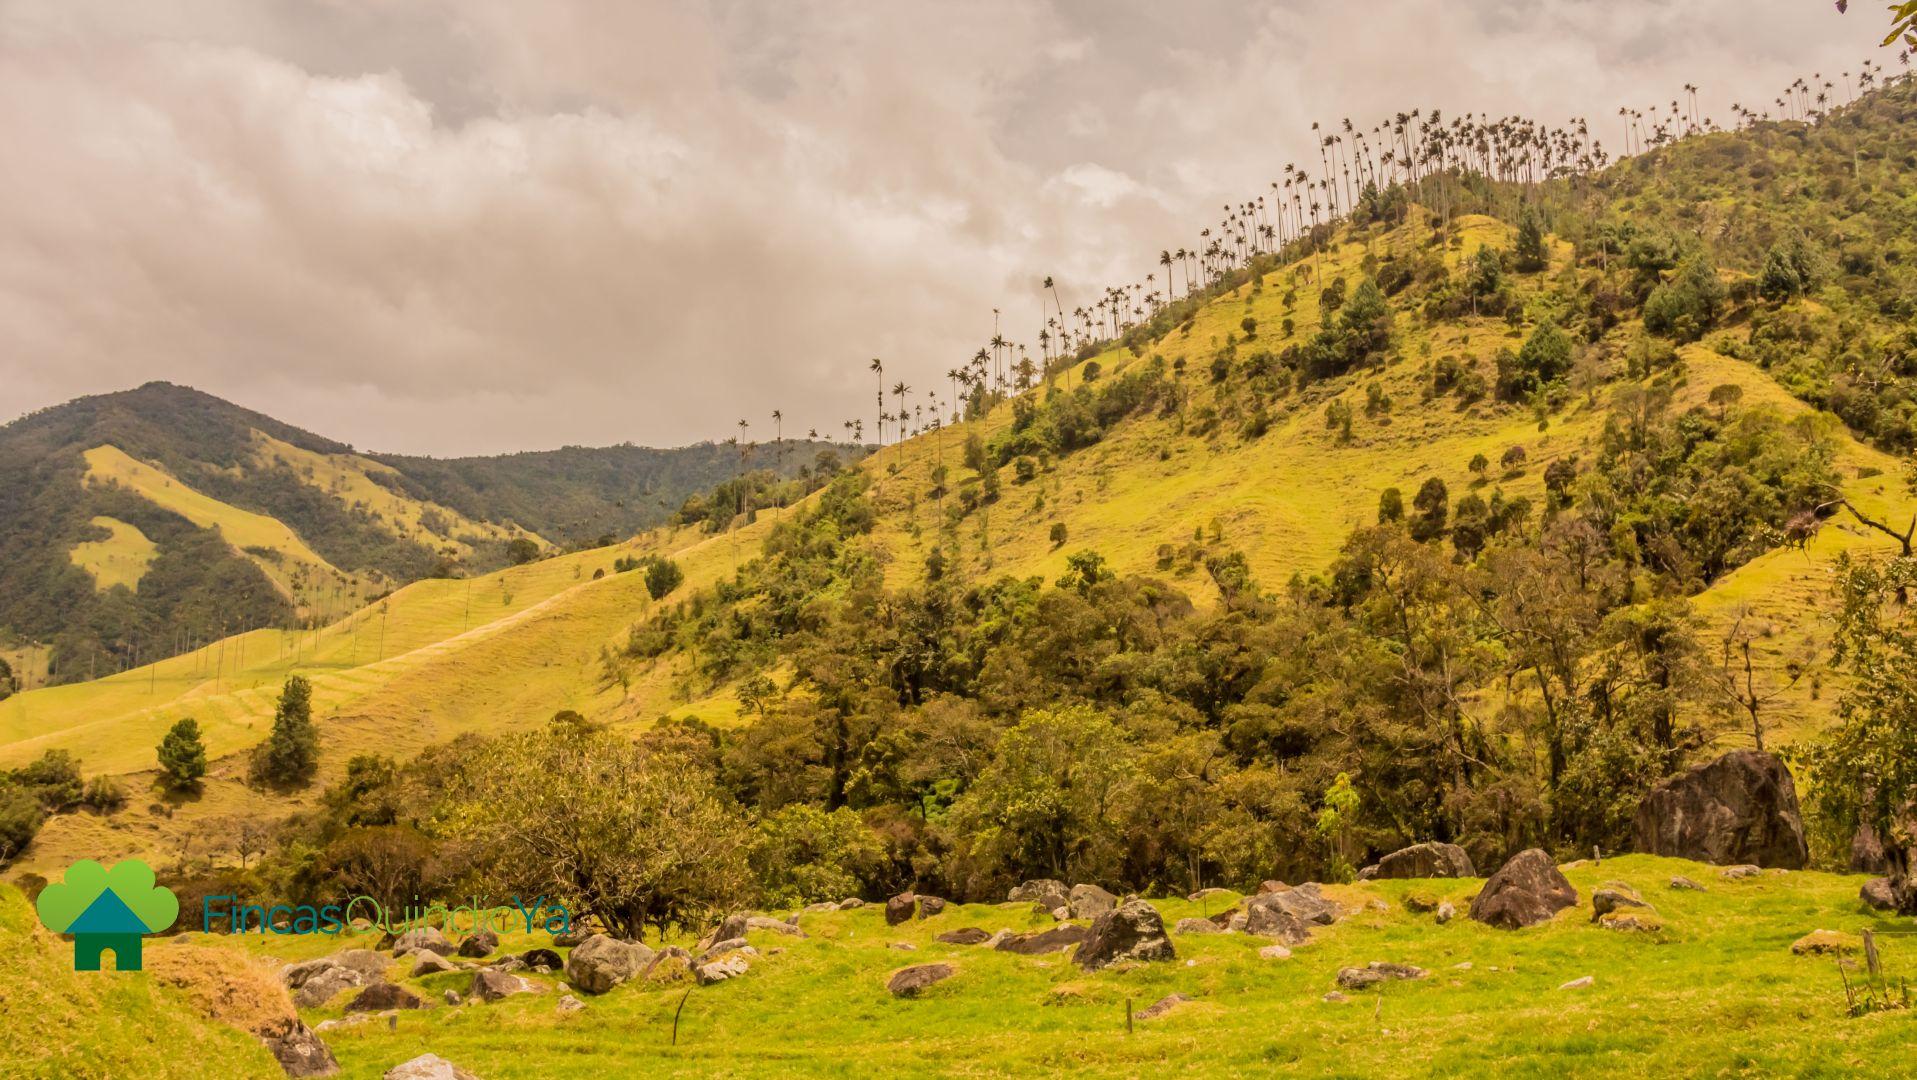 Foto de montañas que se pueden ver desde allí